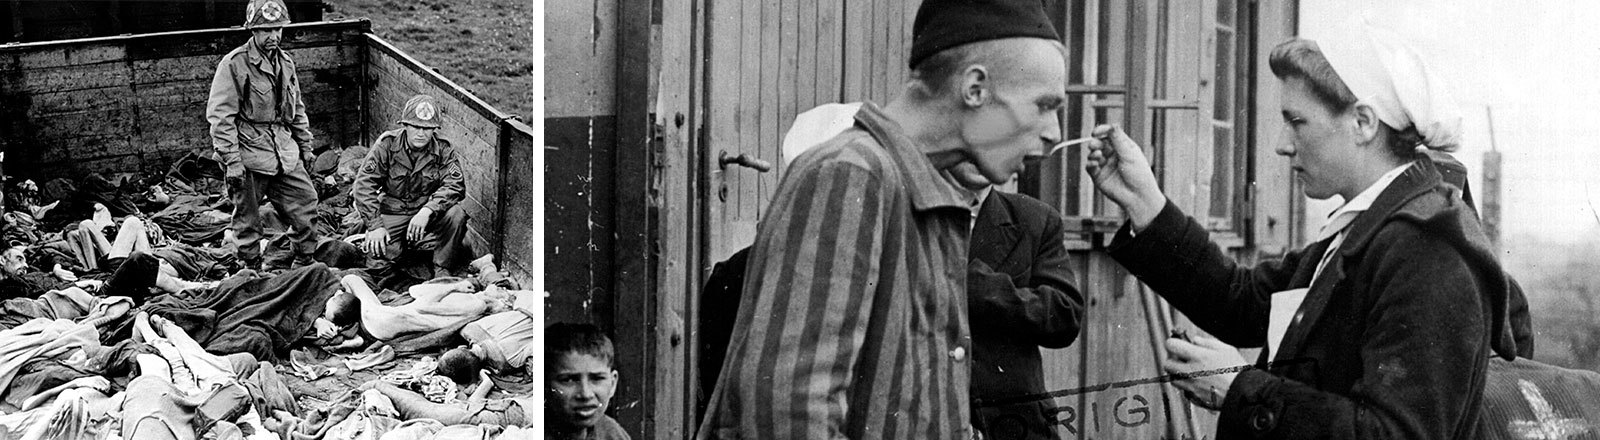 Leichen in einem Waggon, ein entkräfteter Häftling wird gefüttert.